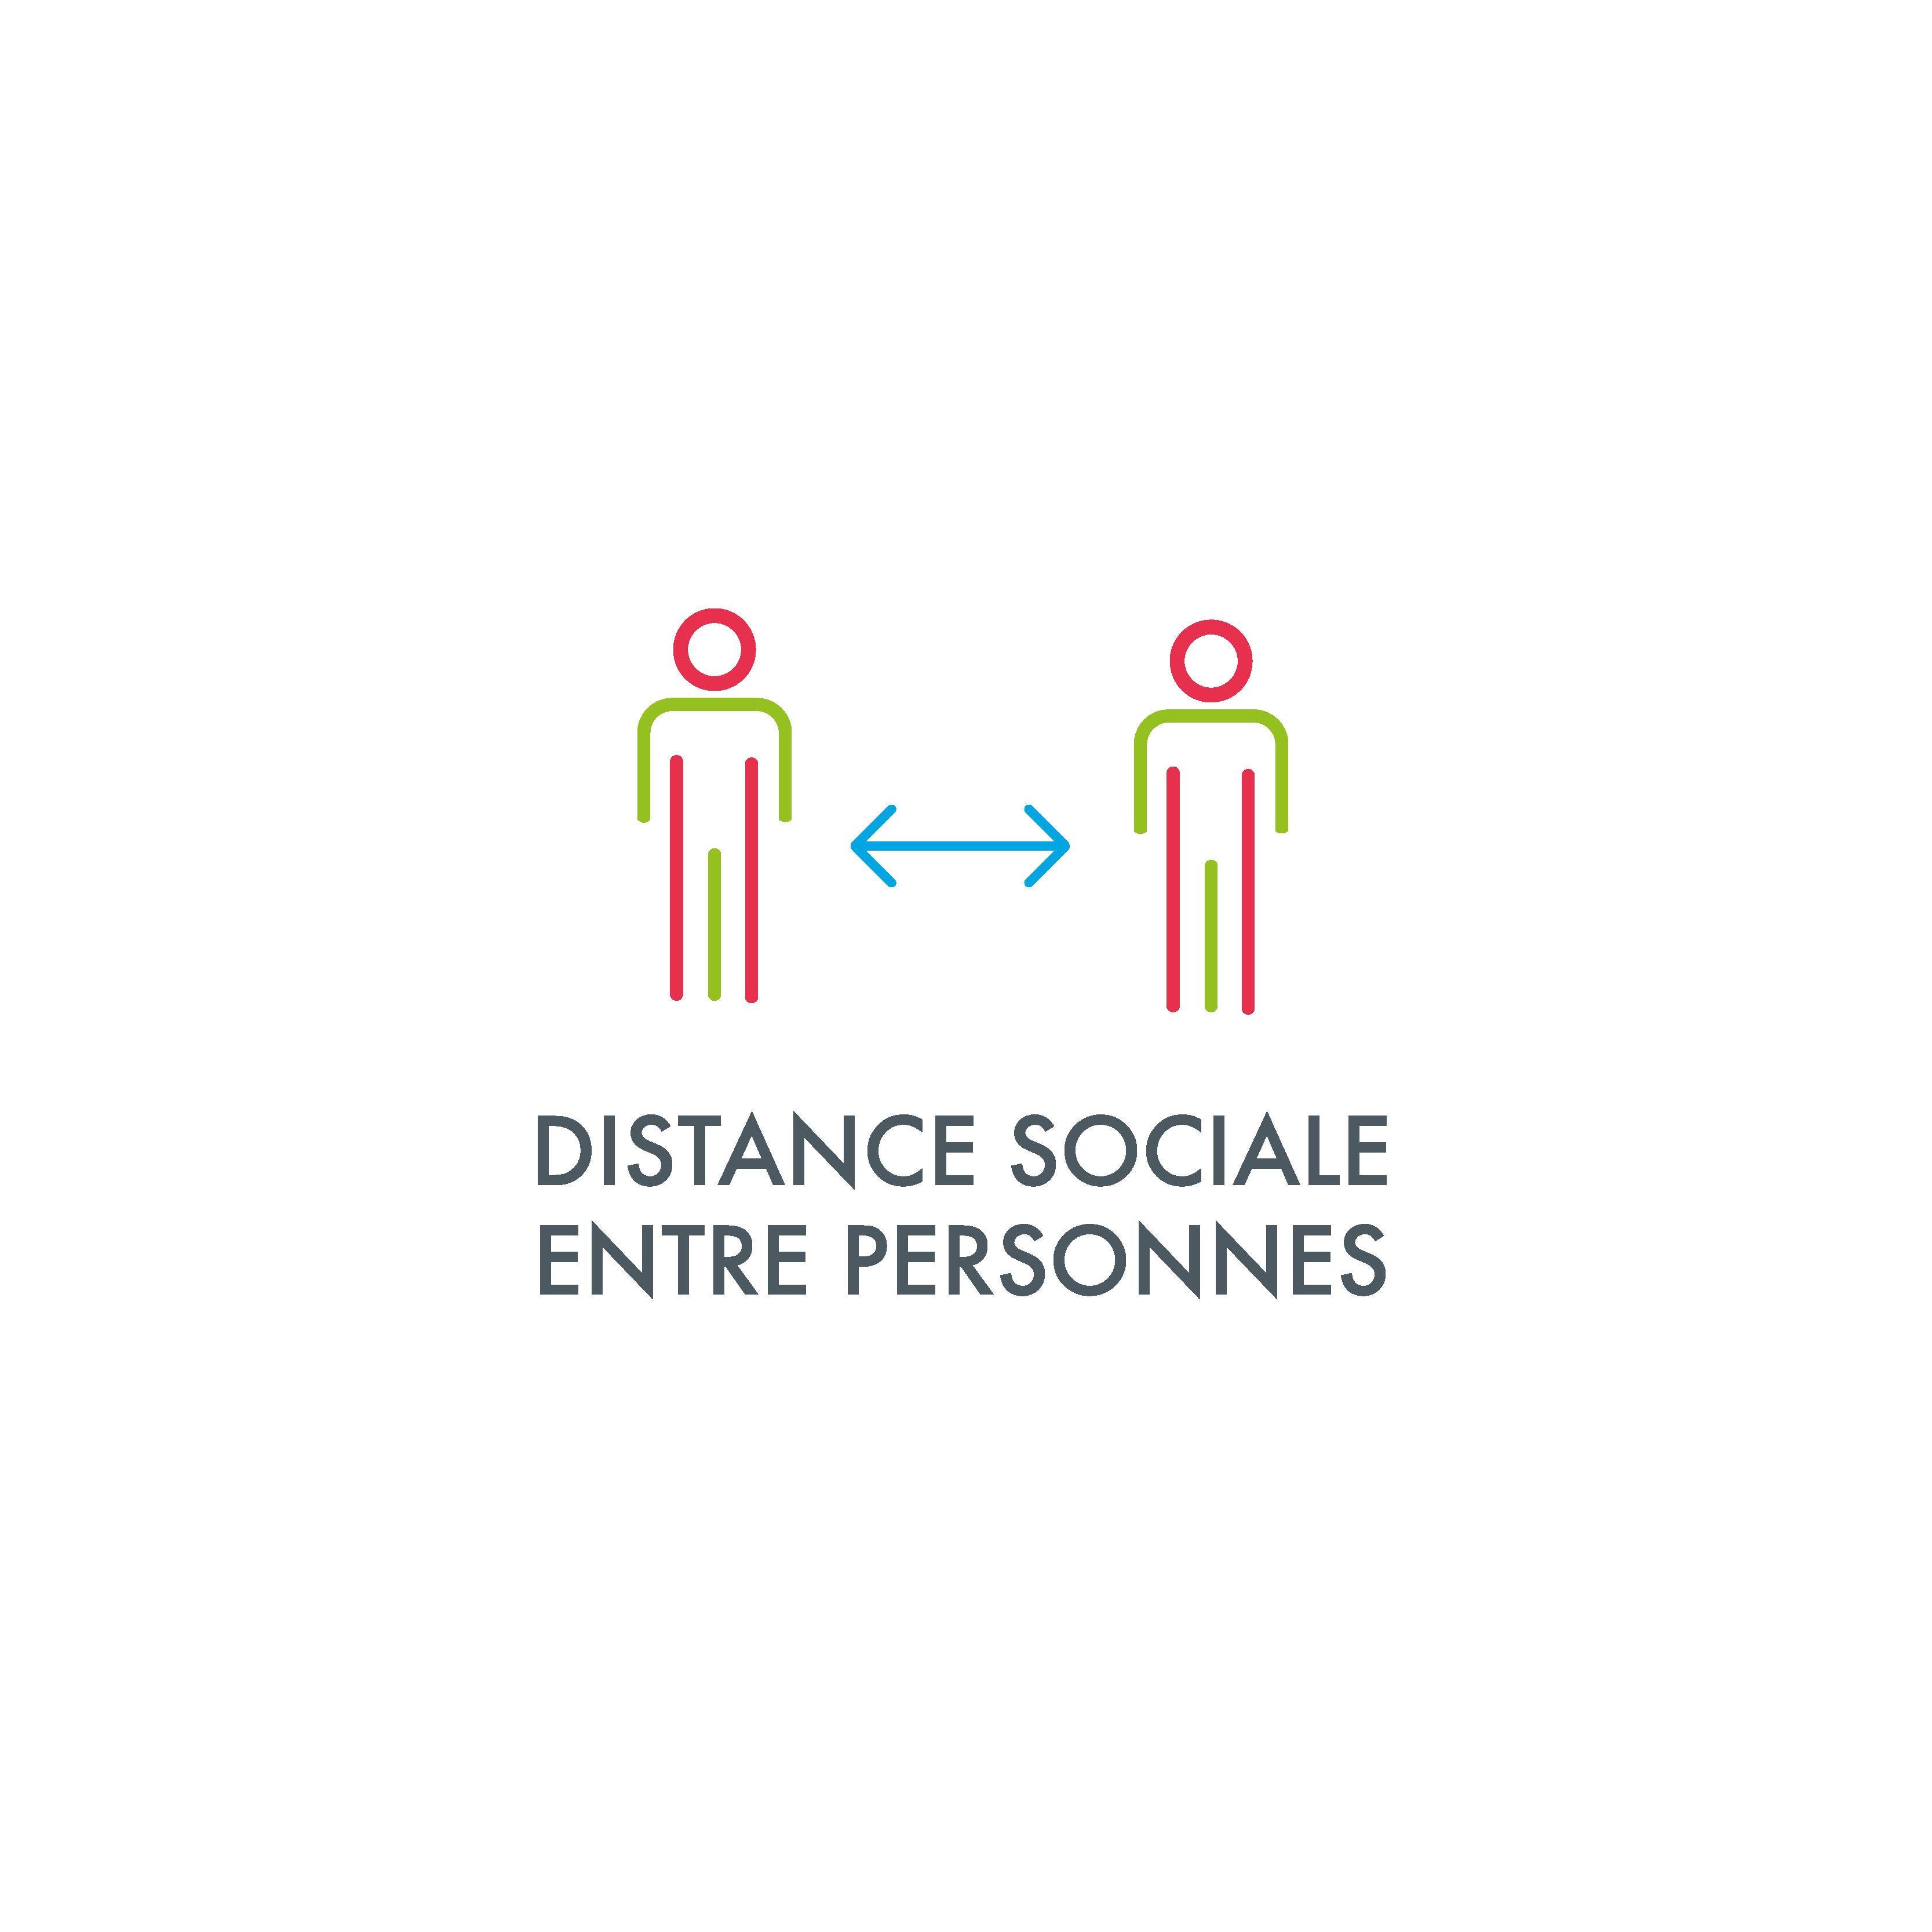 Distance sociale entre personnes